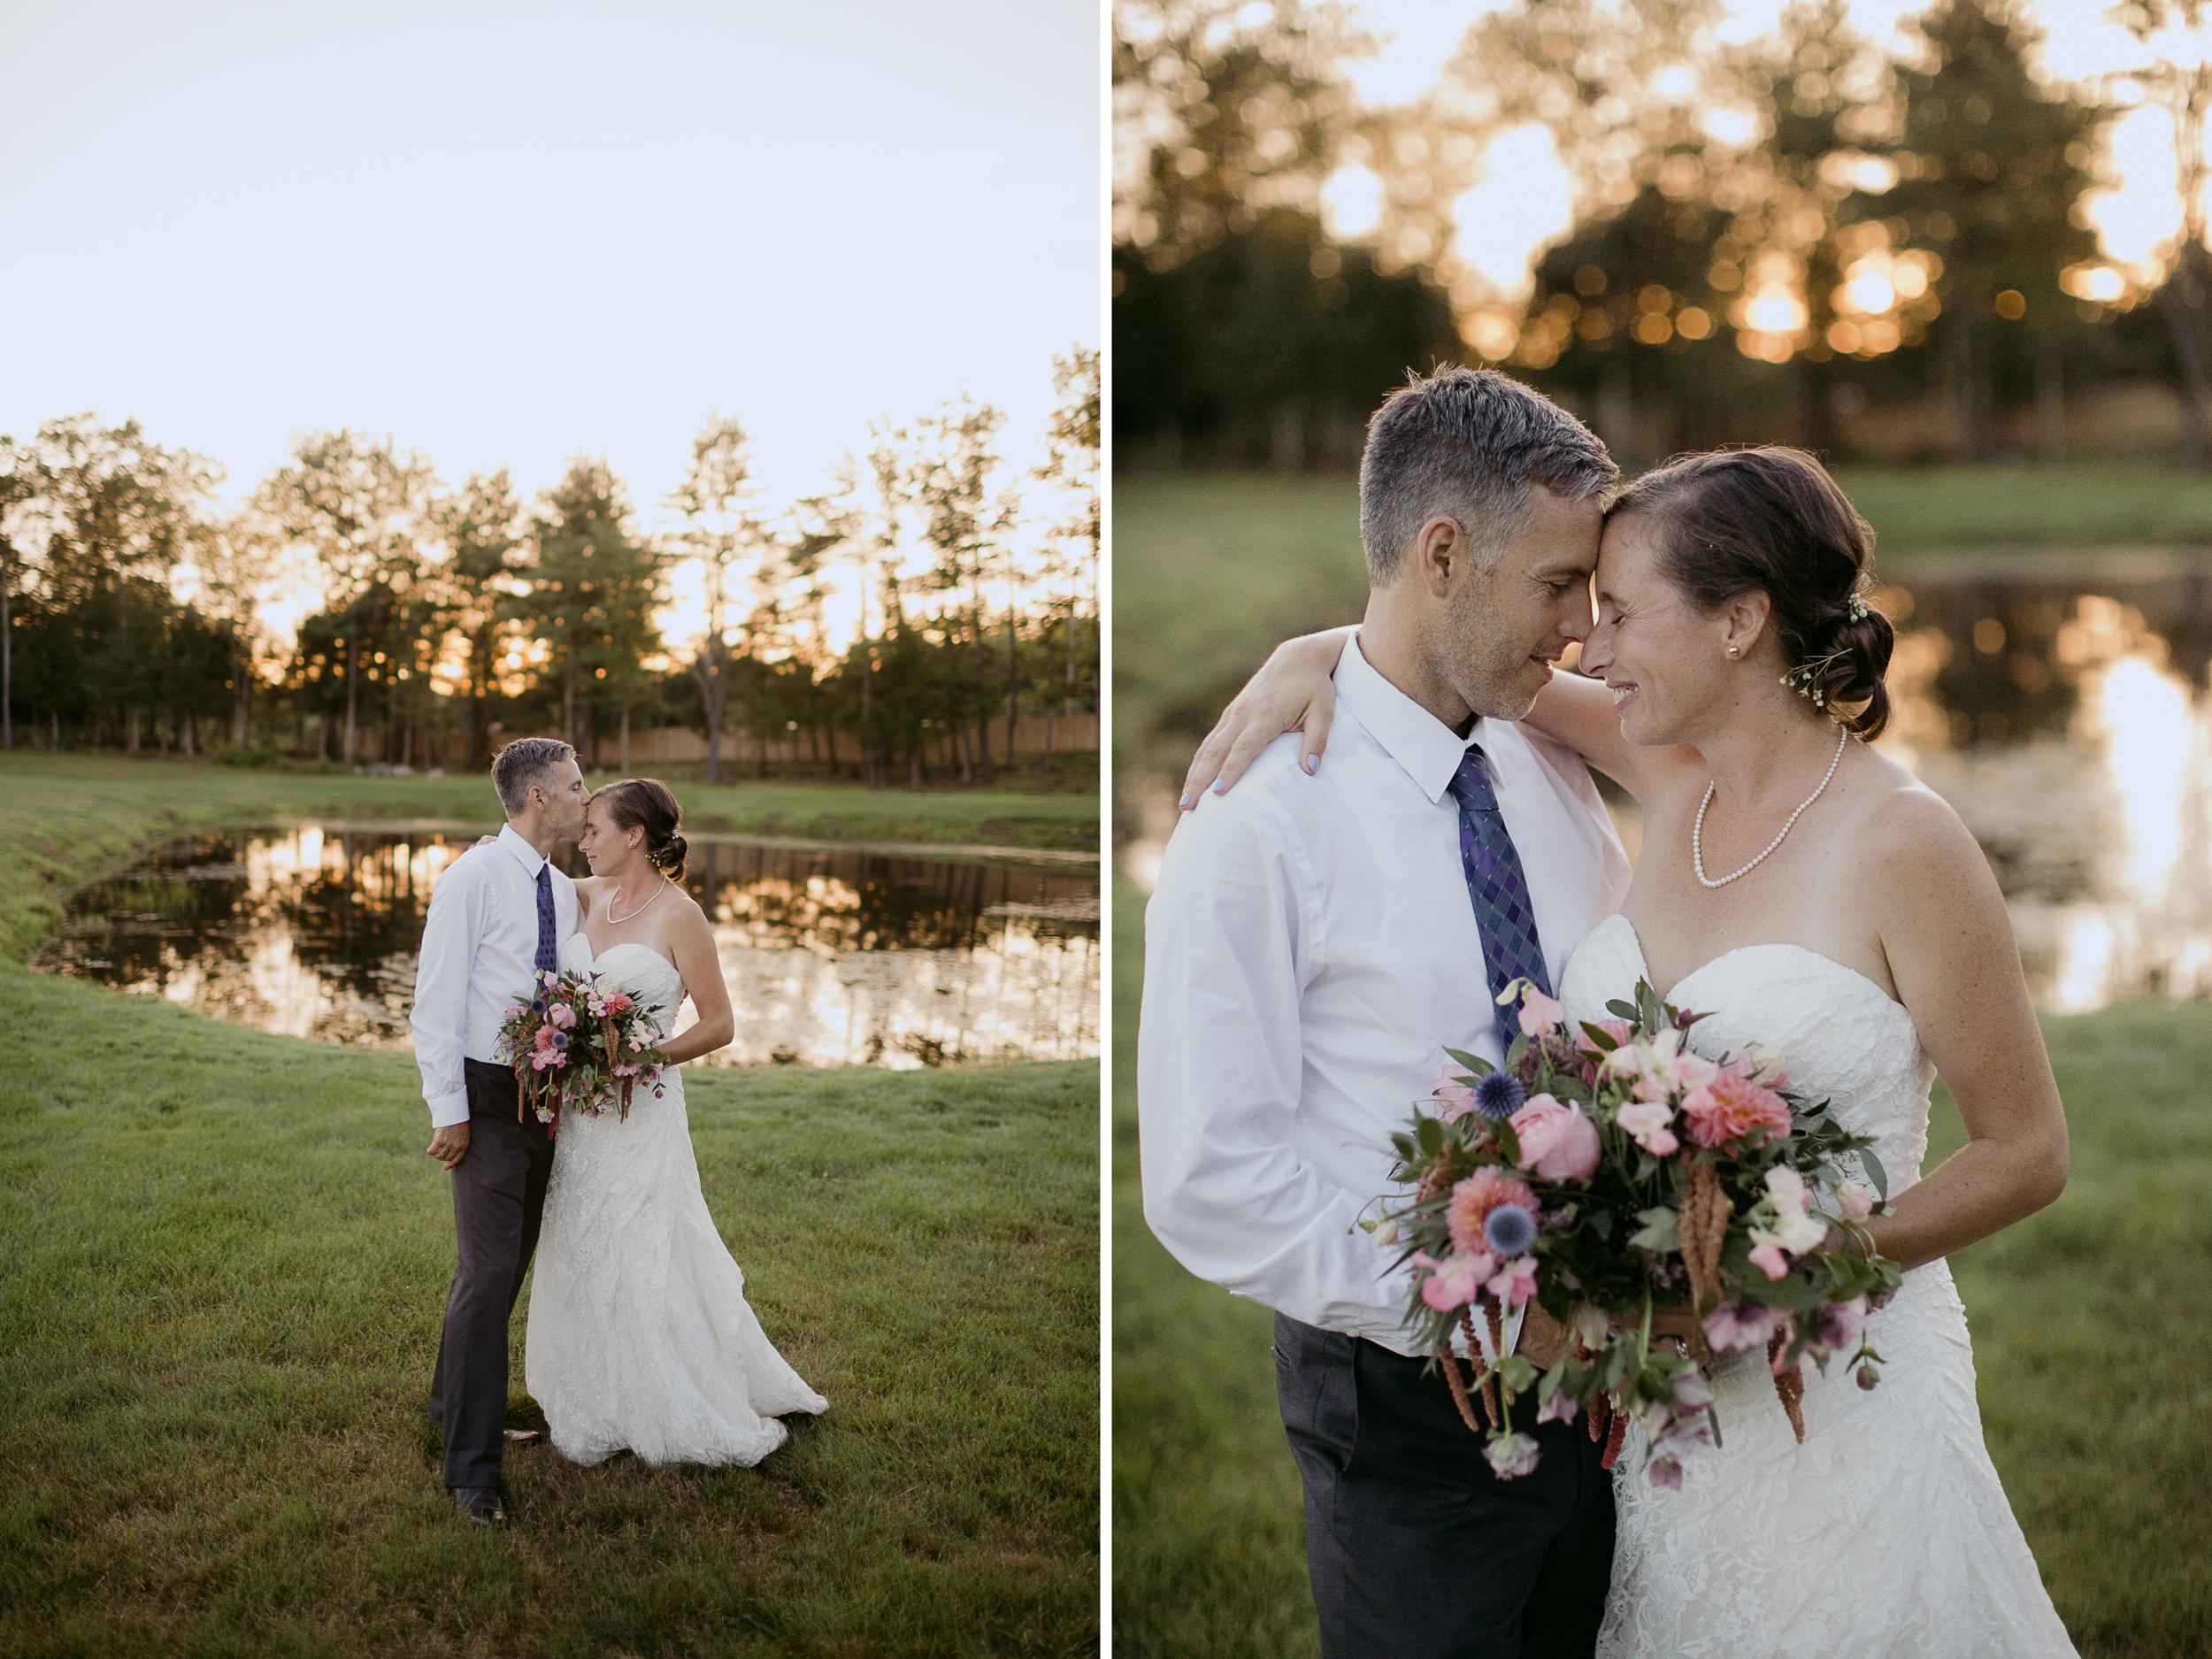 william_allen_farm_pownal_wedding_maine_michelleben-31.jpg